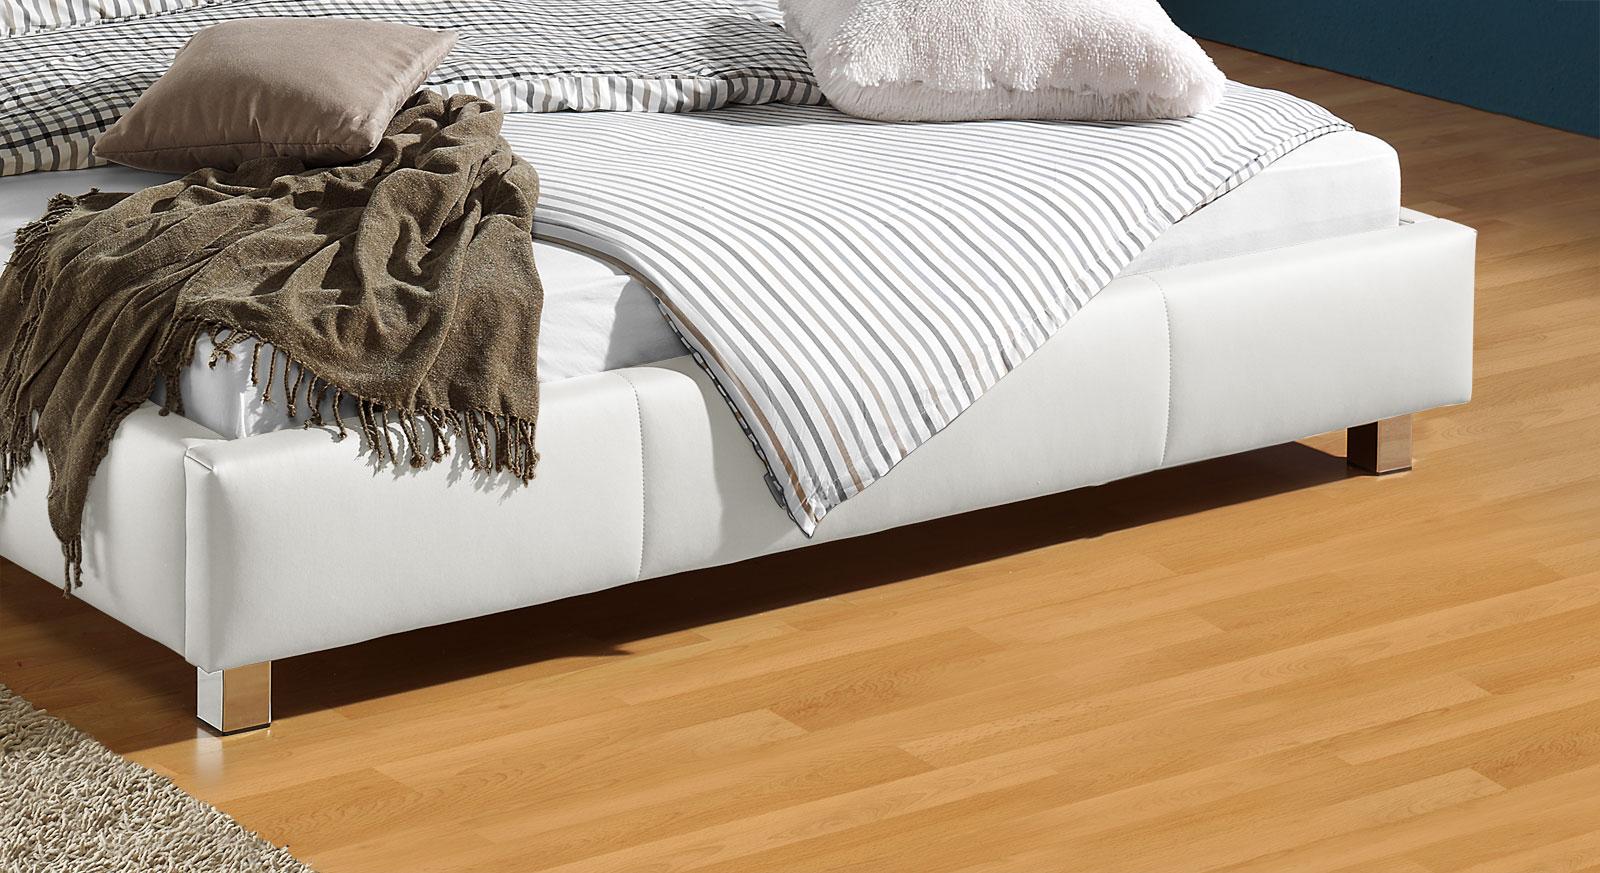 Bett Sona mit verchromten Metallfüßen